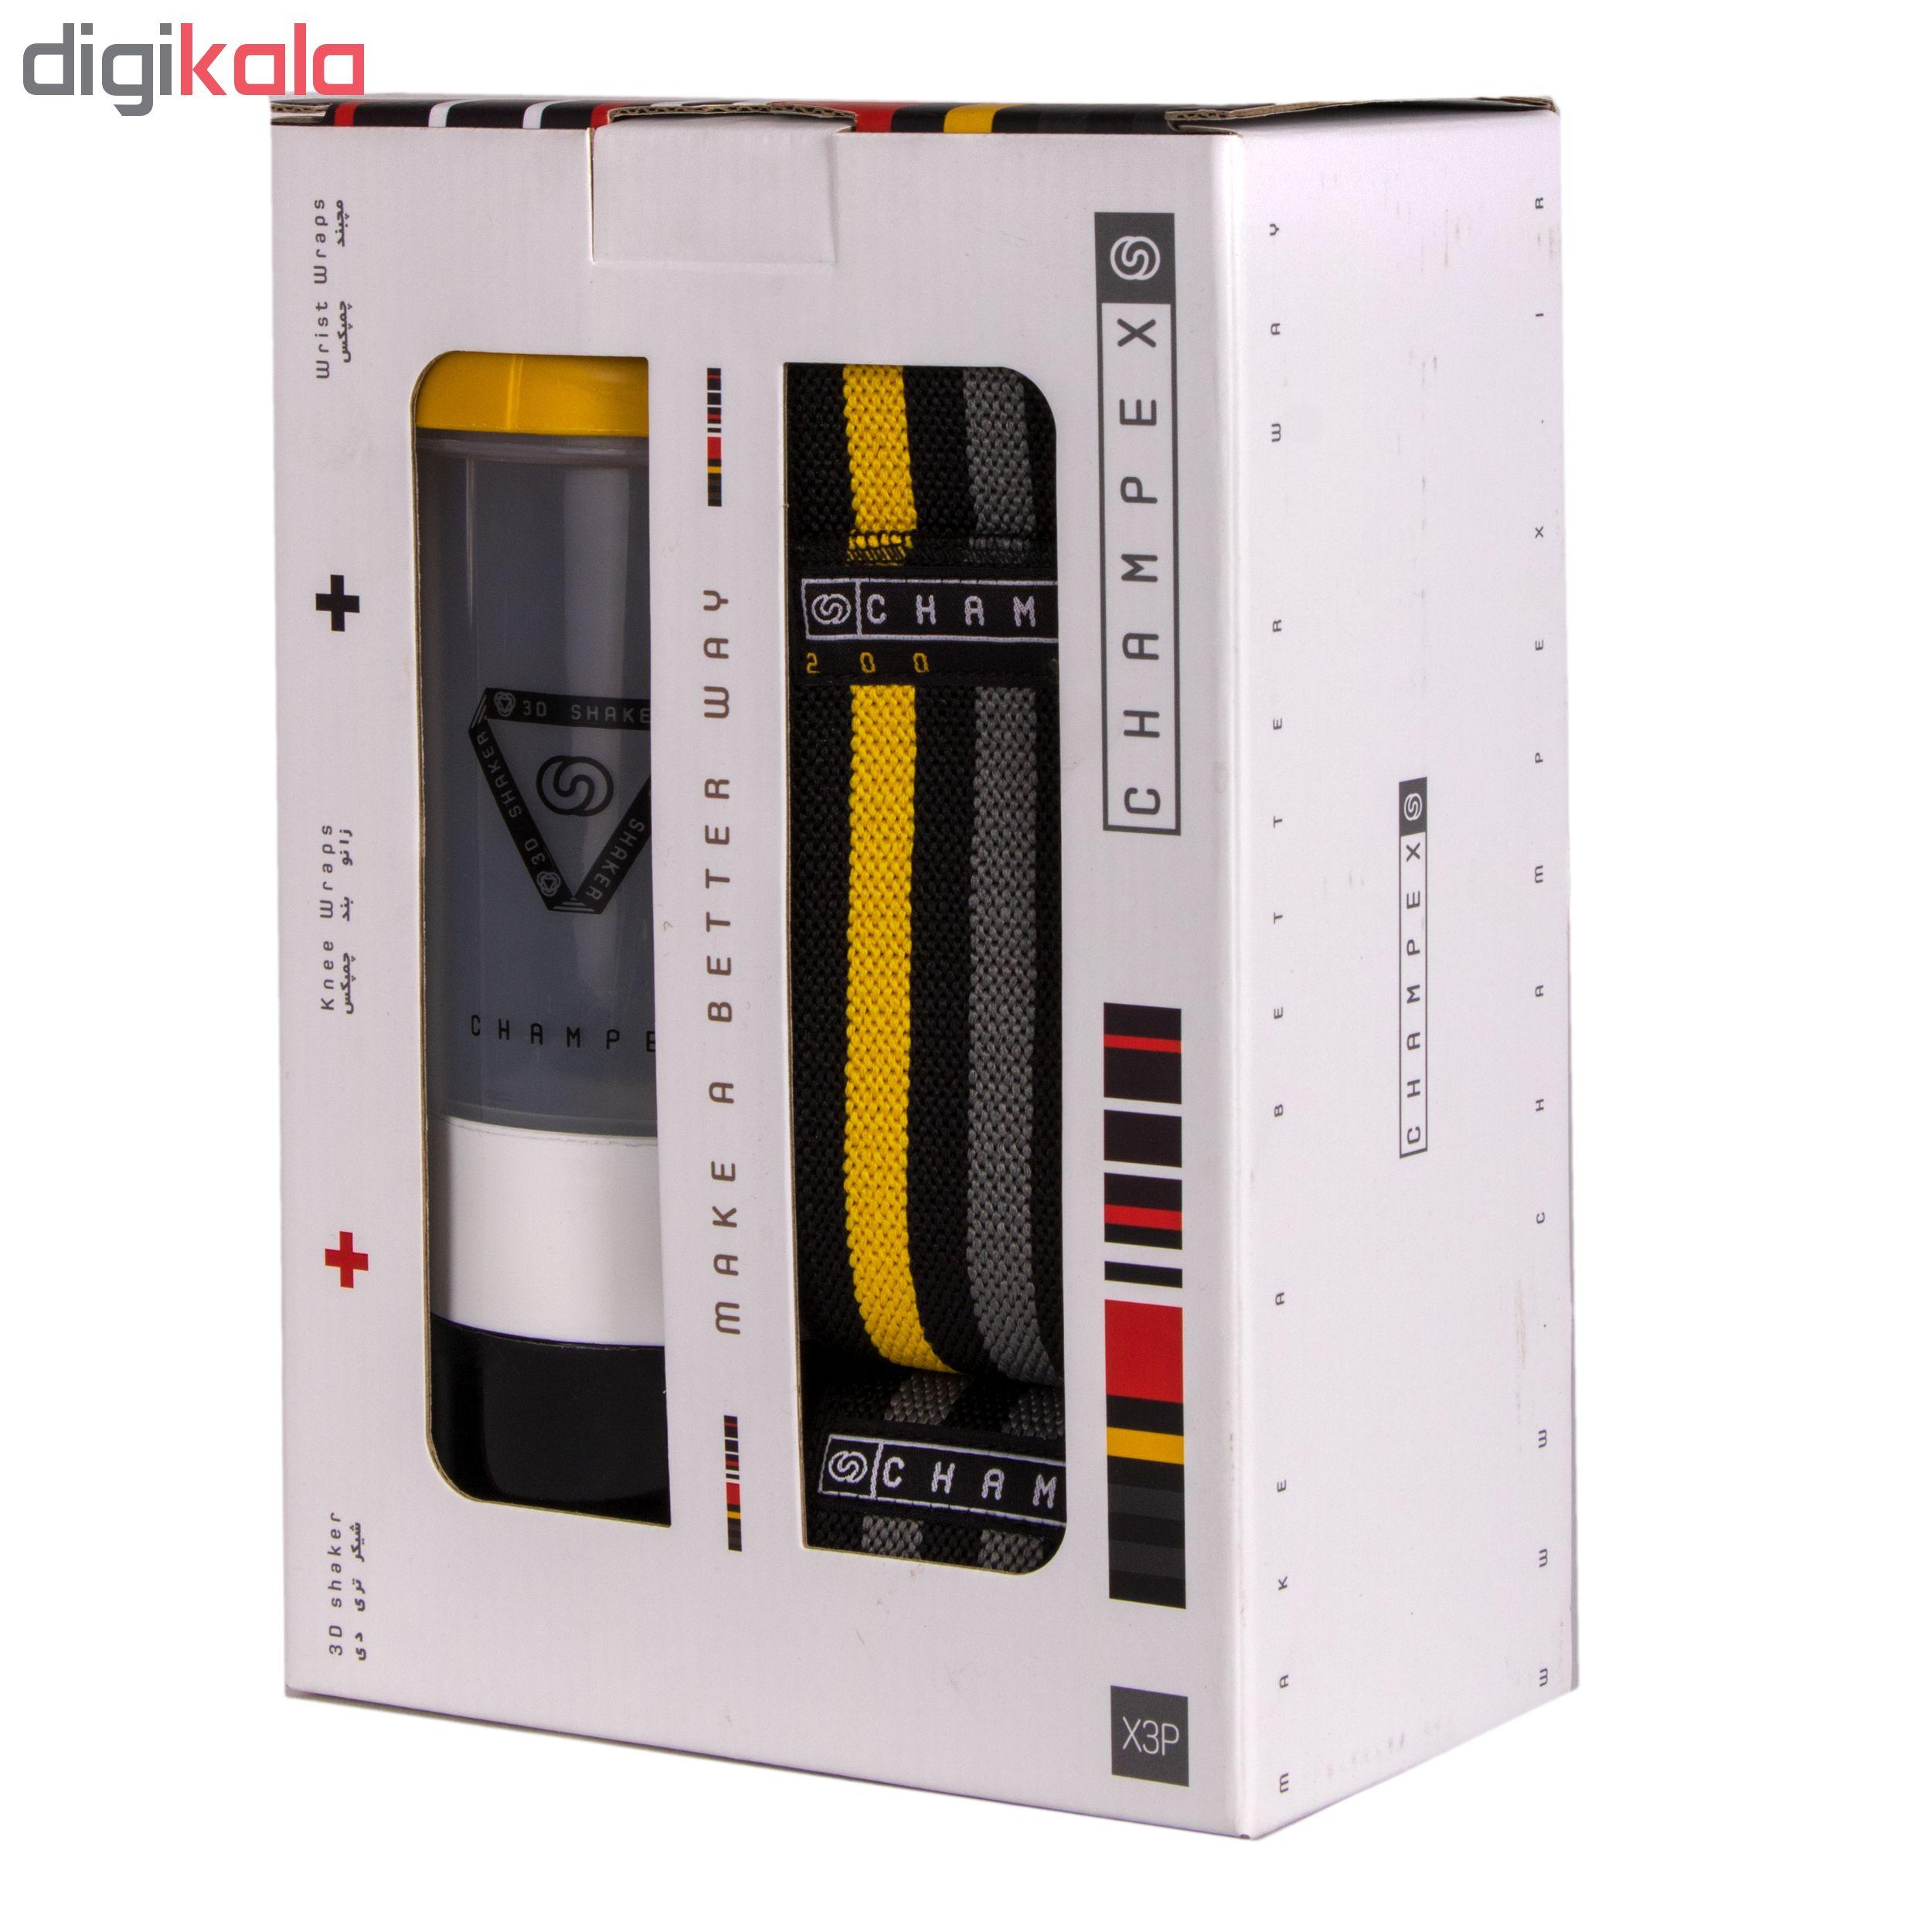 مچ بند و زانو بند چمپکس مدل 3XP Yellow-Grey مجموعه 4 عددی به همراه شیکر چمپکس